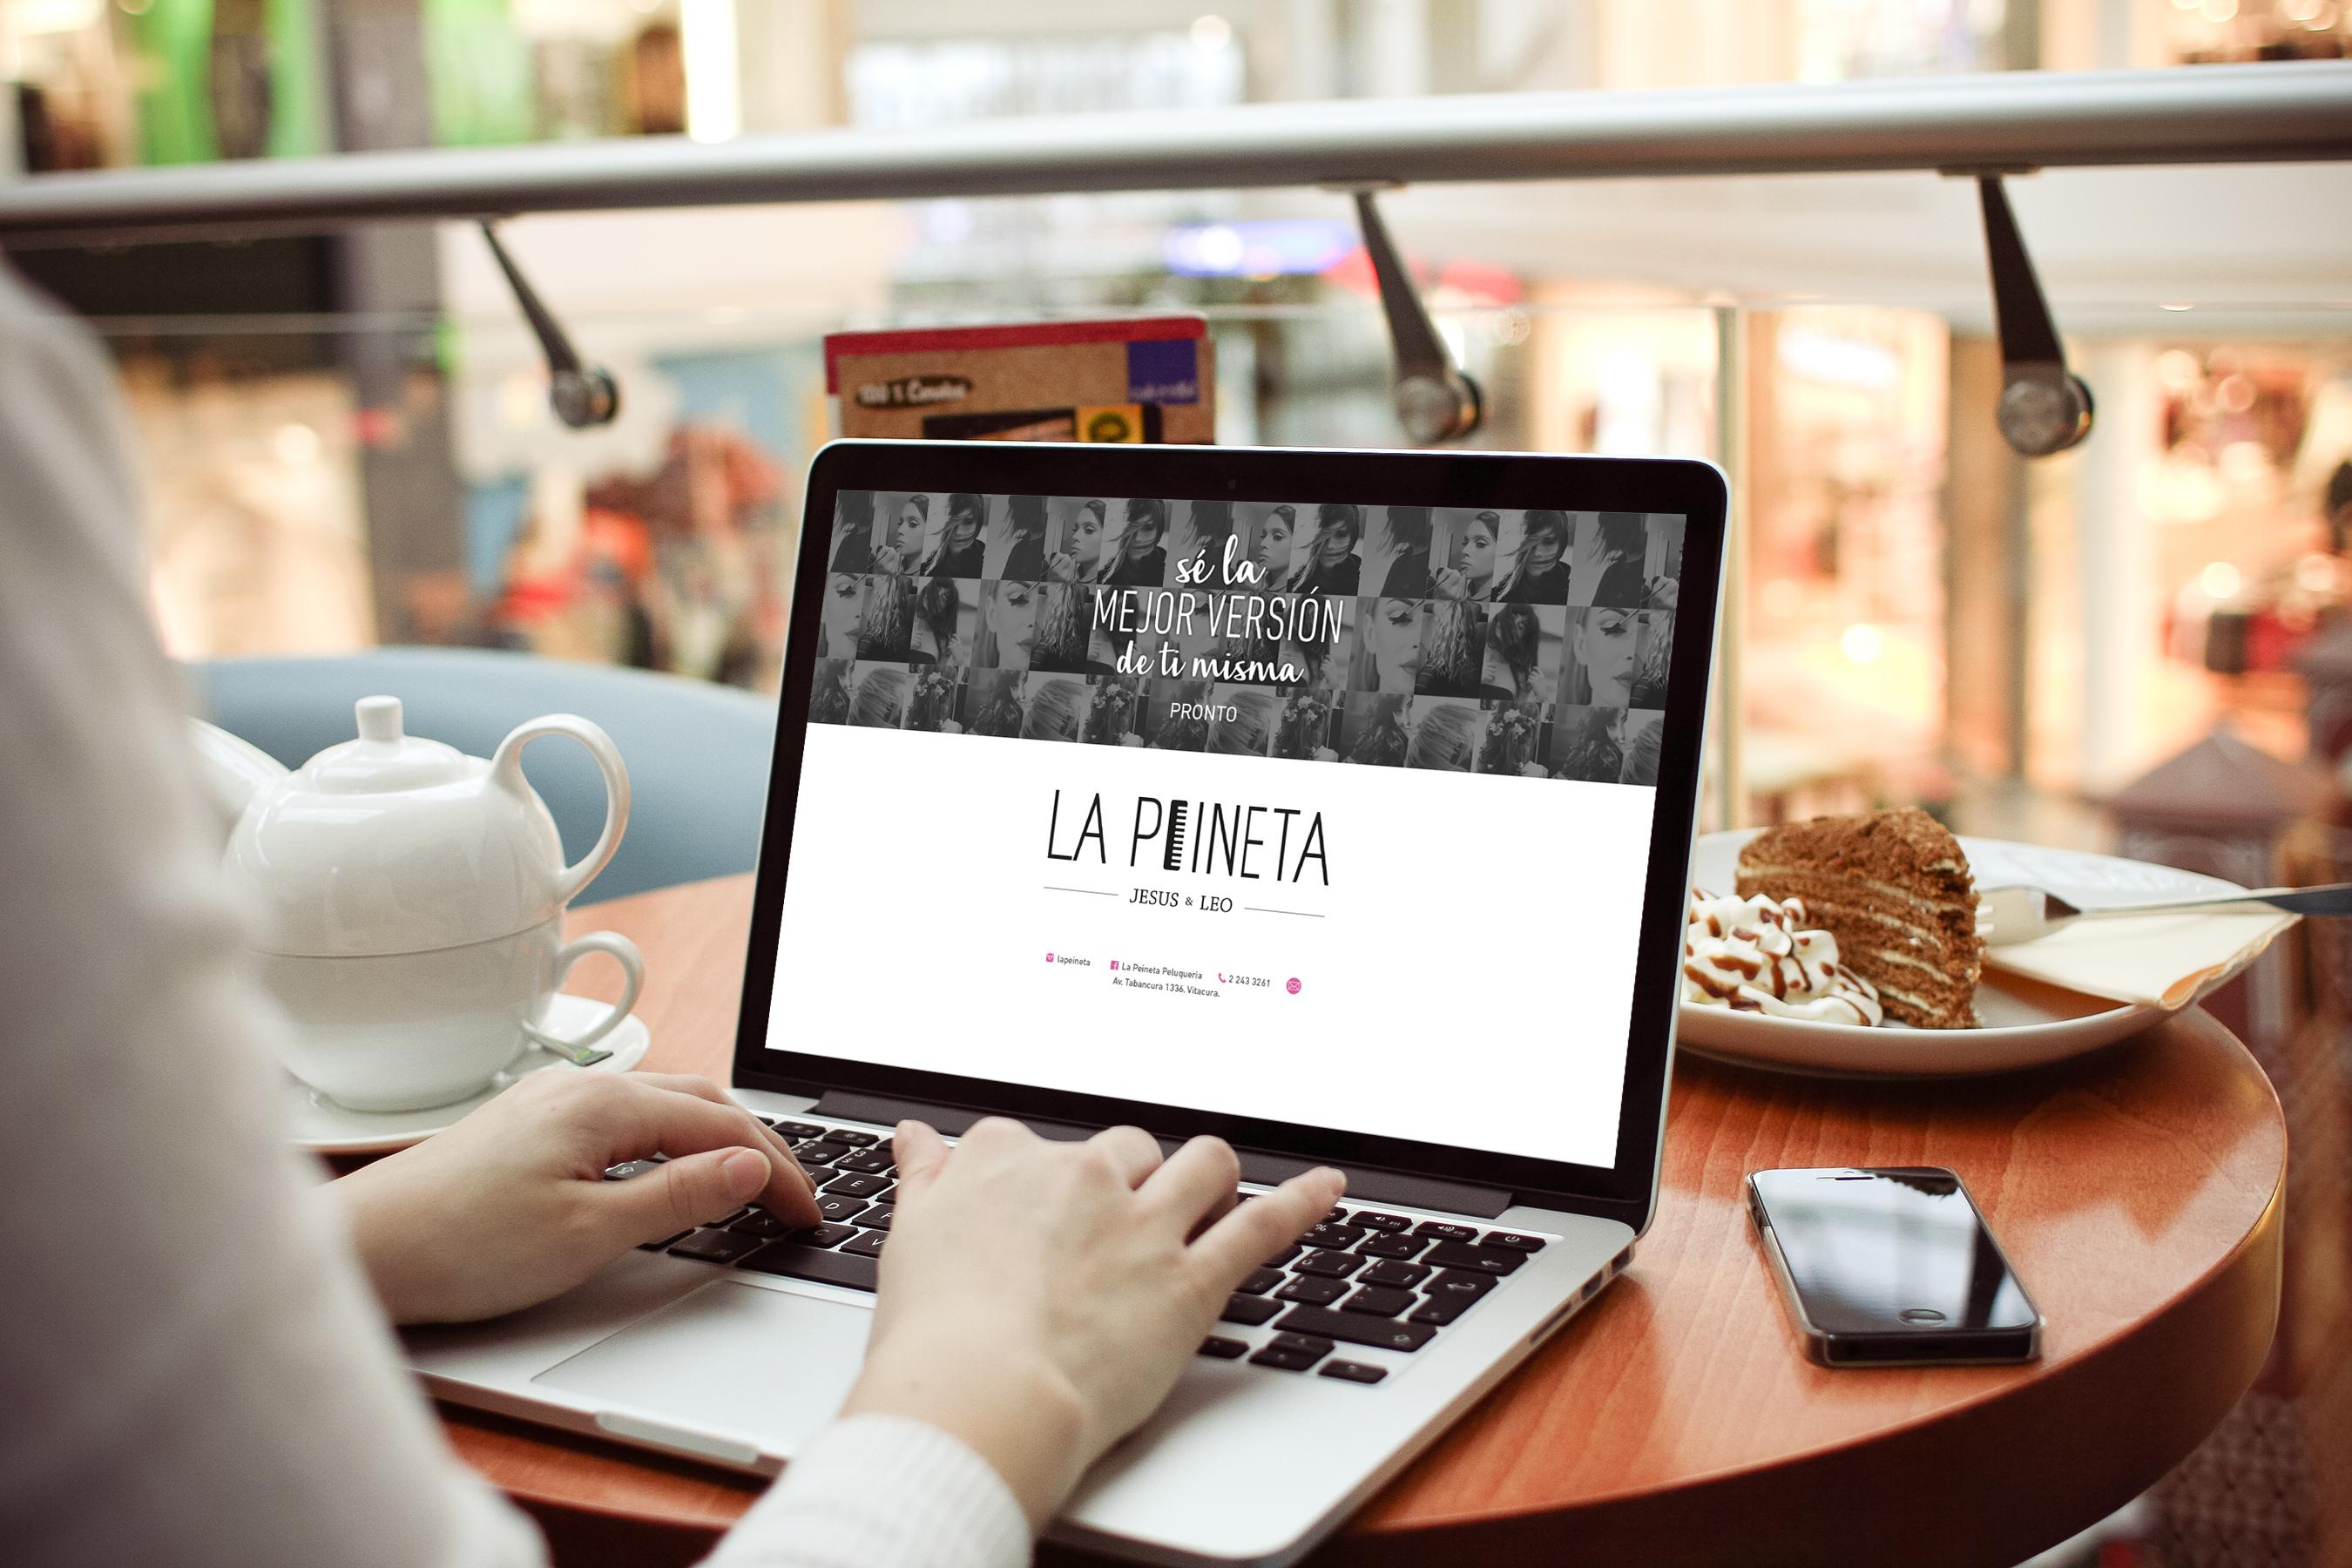 Sitio La Peineta